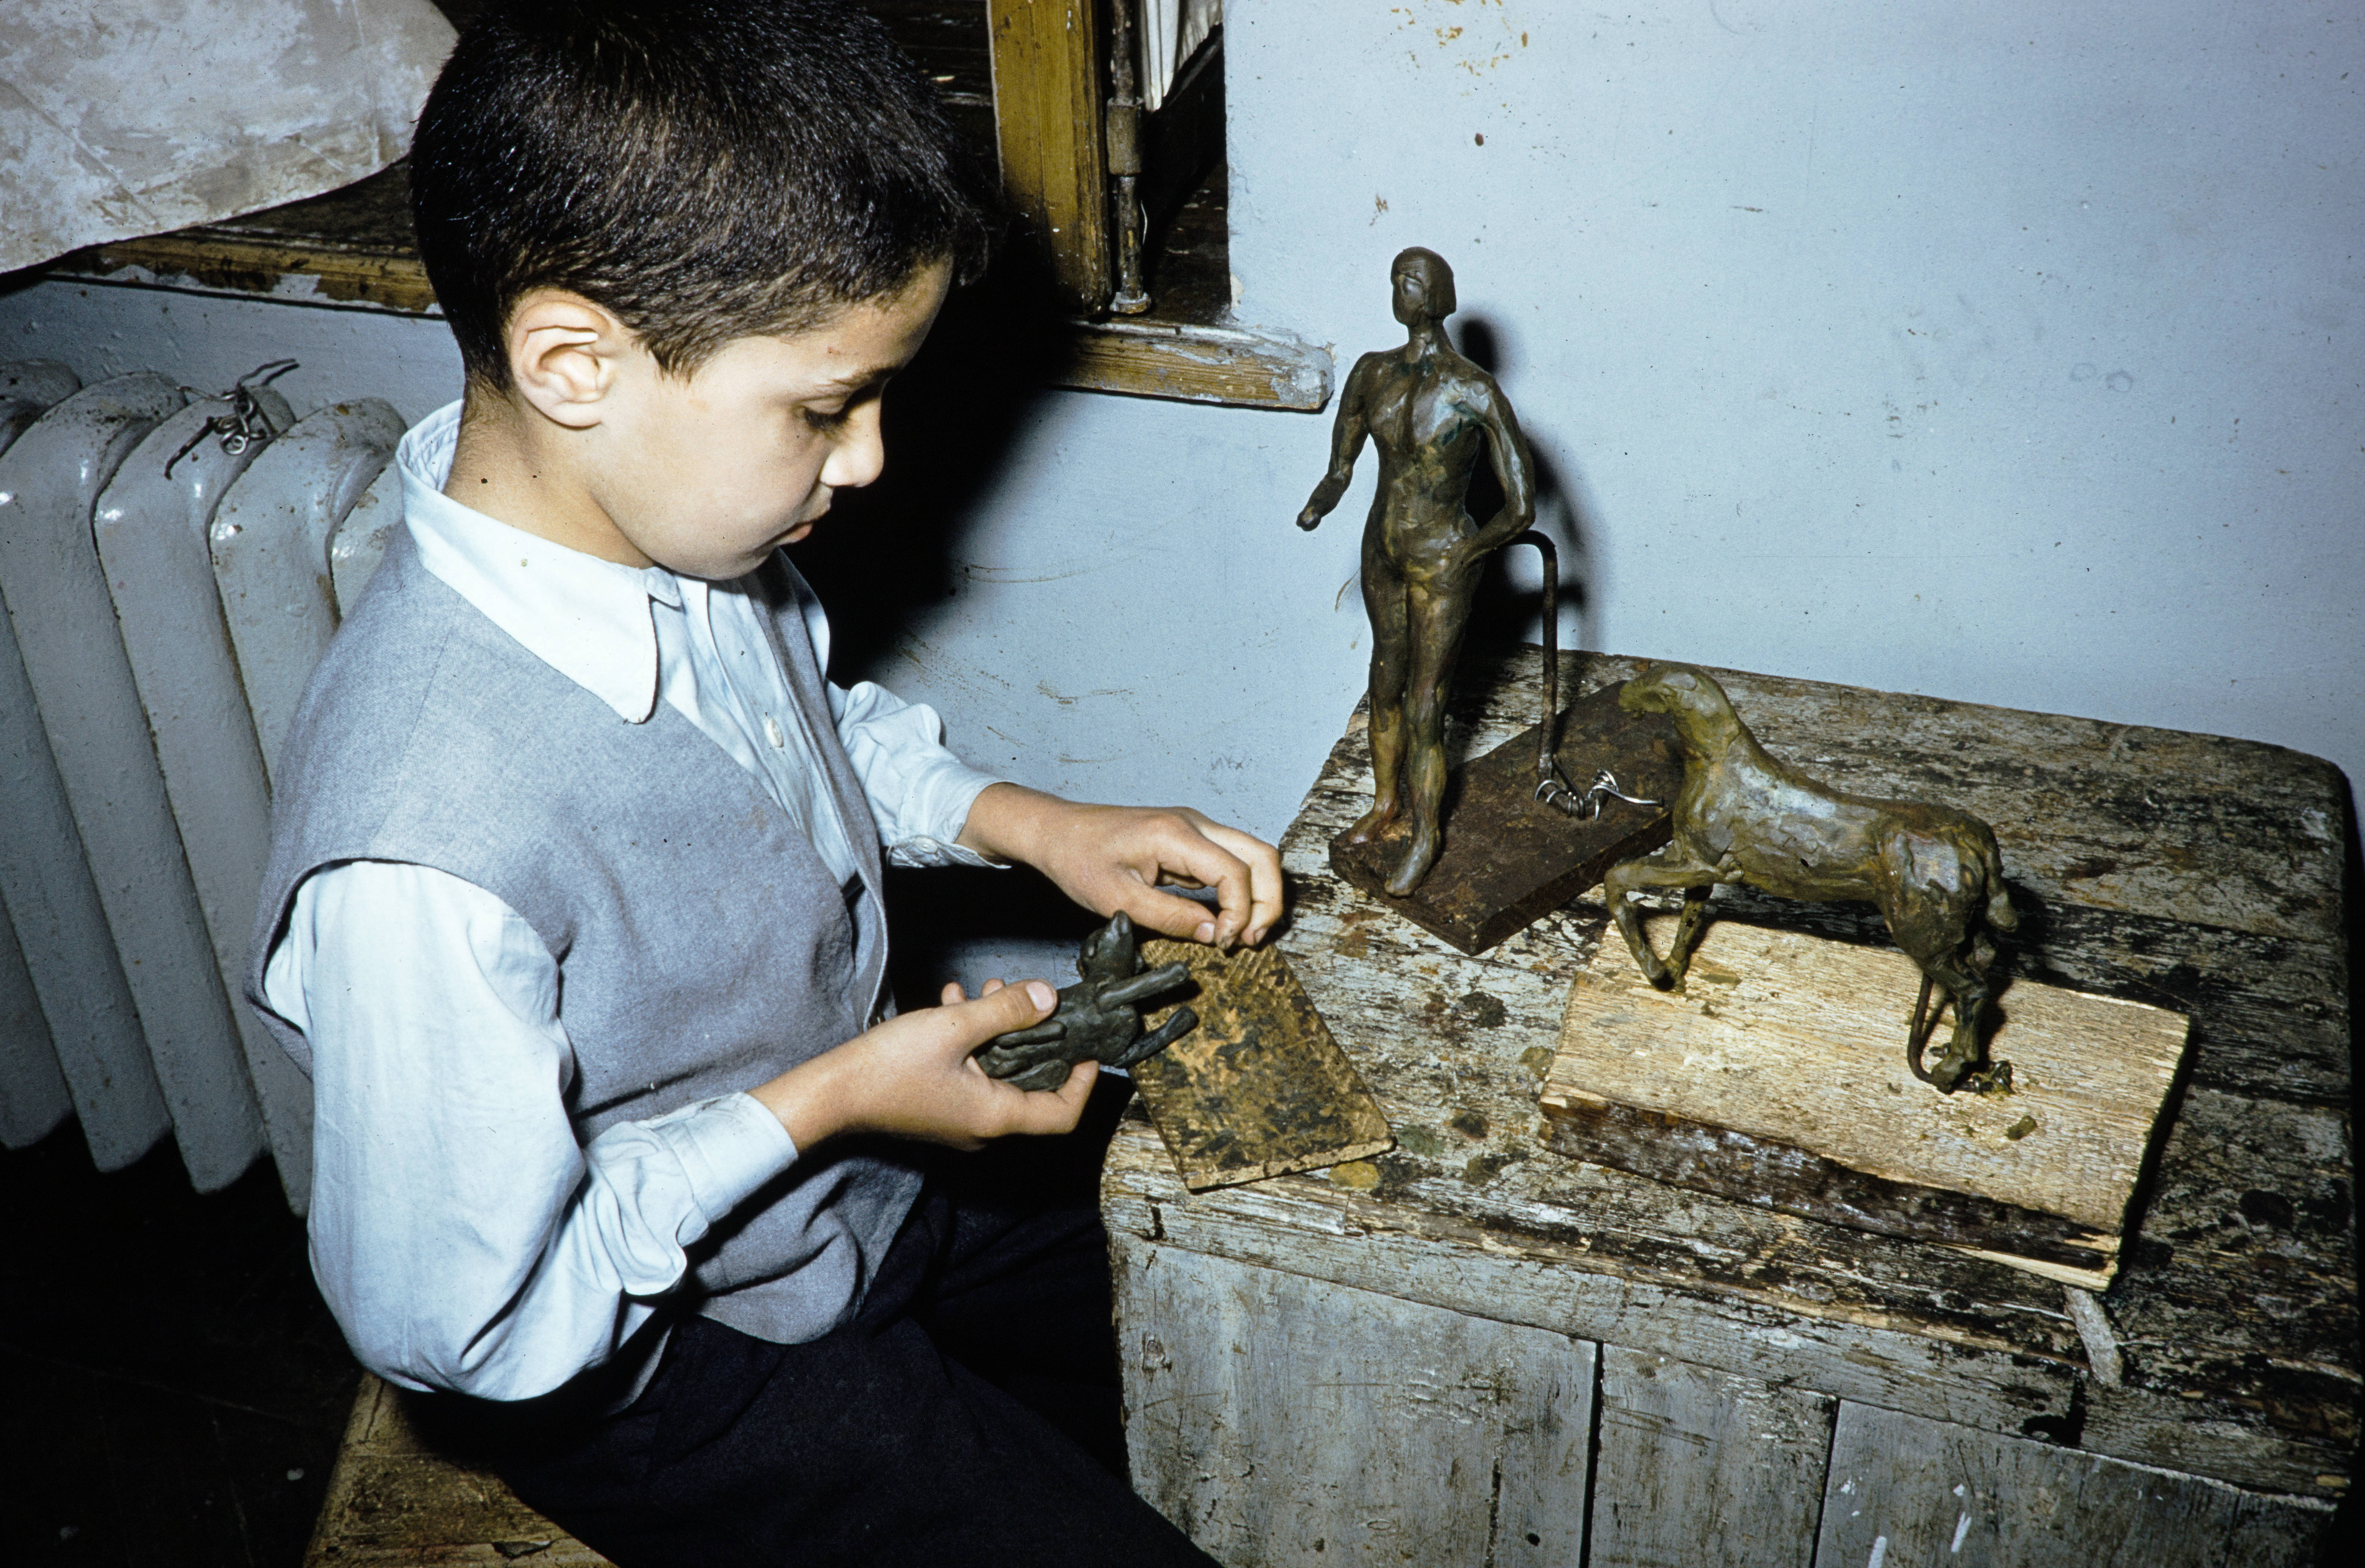 мальчик делает скульптуру.jpg